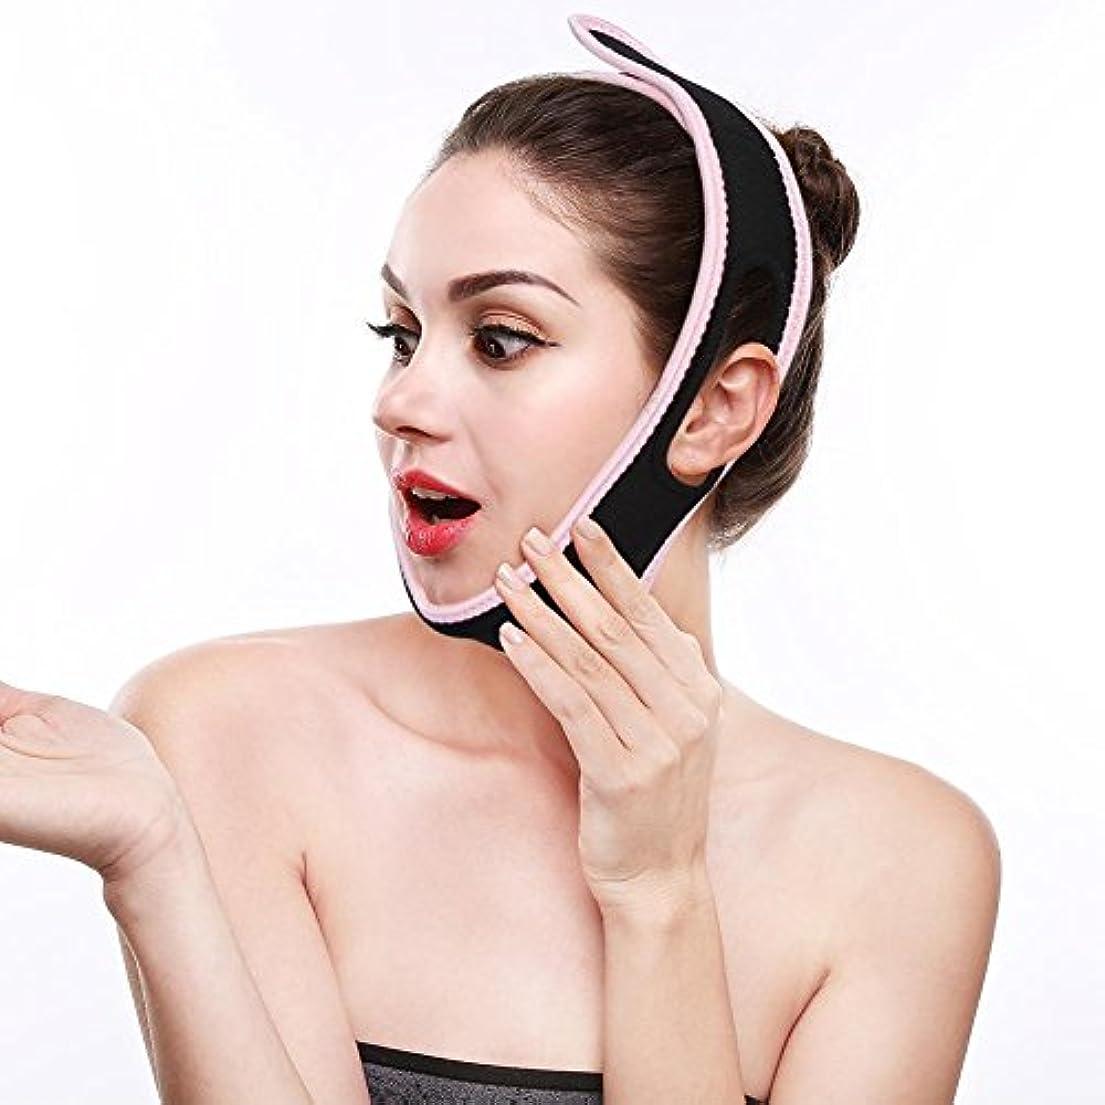 亡命歌うインフレーションフェイススリミング包帯、顎リフト フェイススリミング包帯 Vフェイス バンデージ フェイスリフトマスク